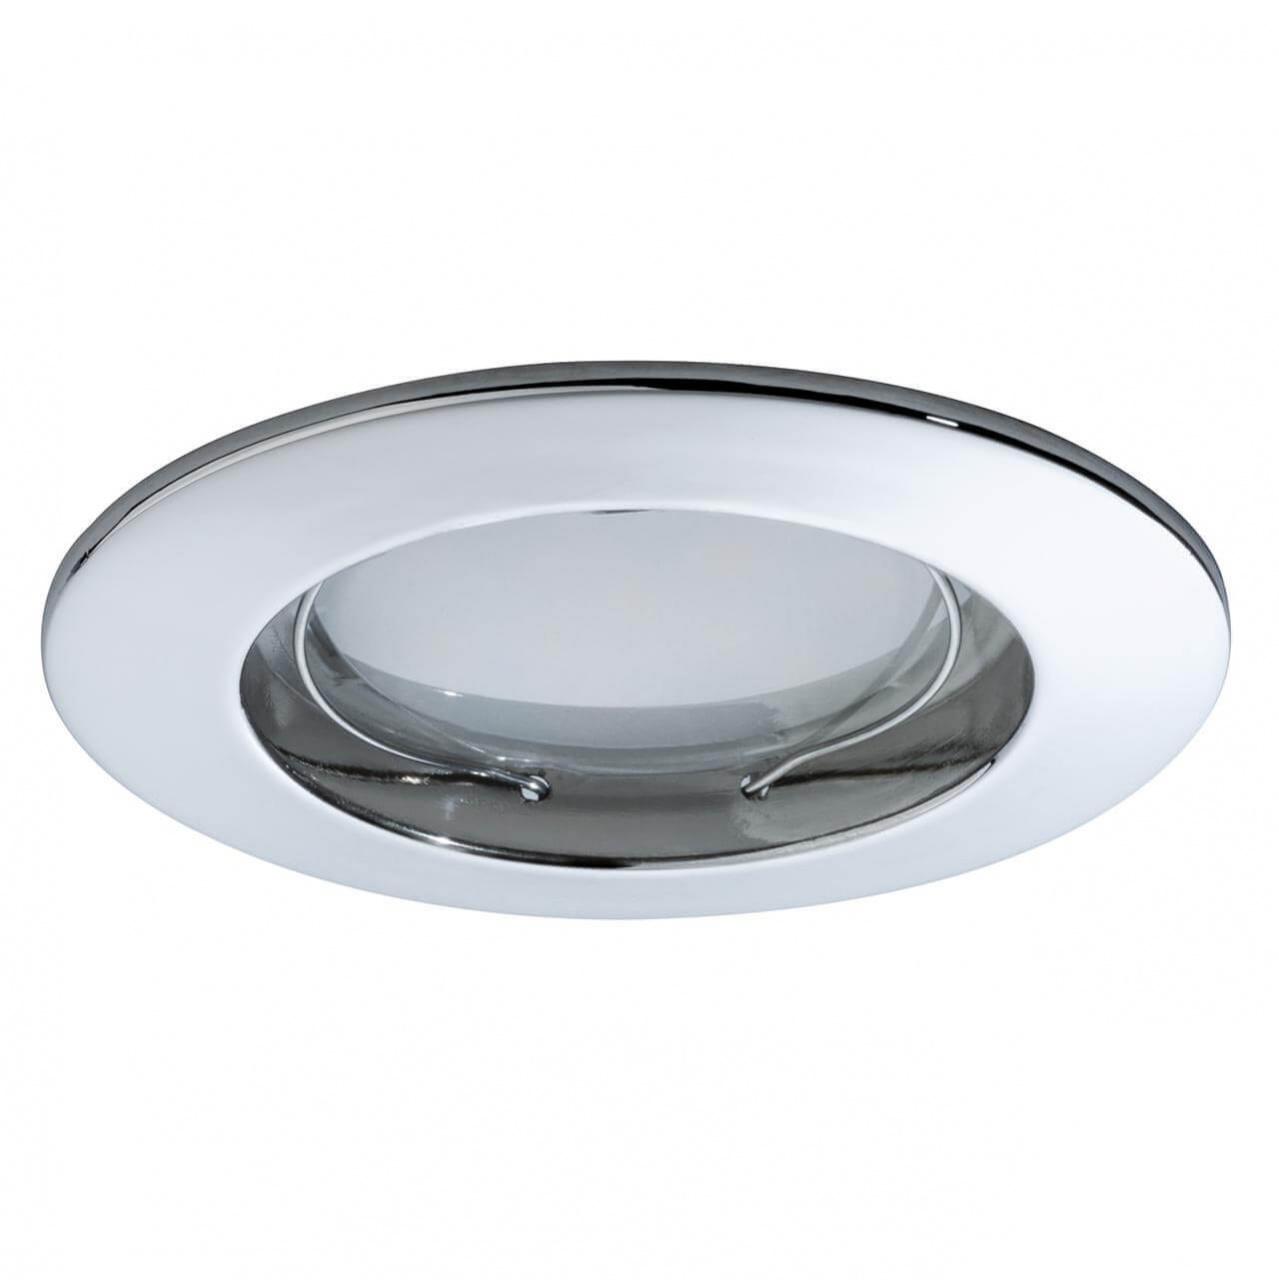 Встраиваемый светодиодный светильник Paulmann Coin 93959 цены